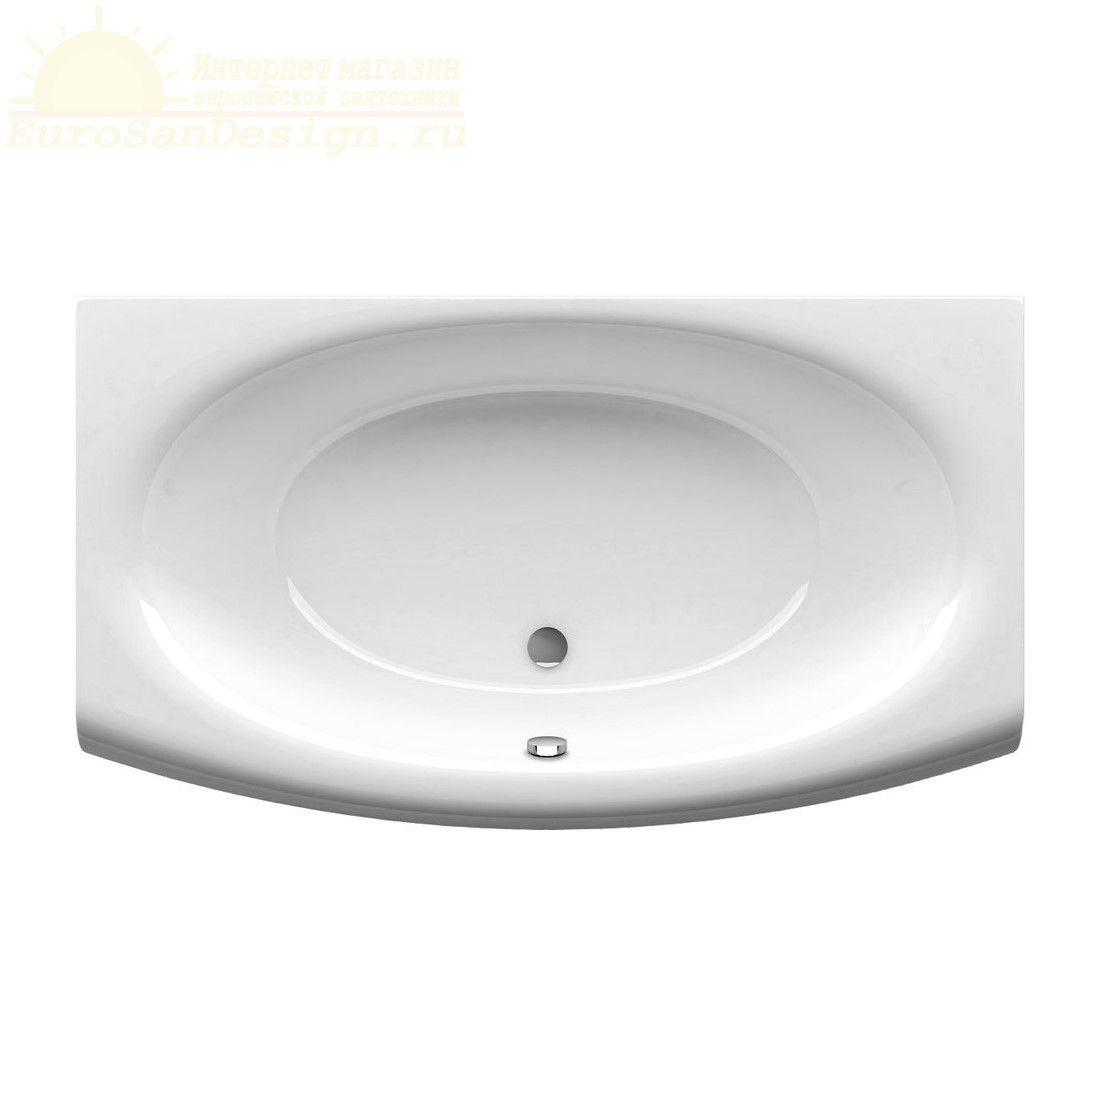 Прямоугольная ванна Ravak Evolution 180x102 ФОТО